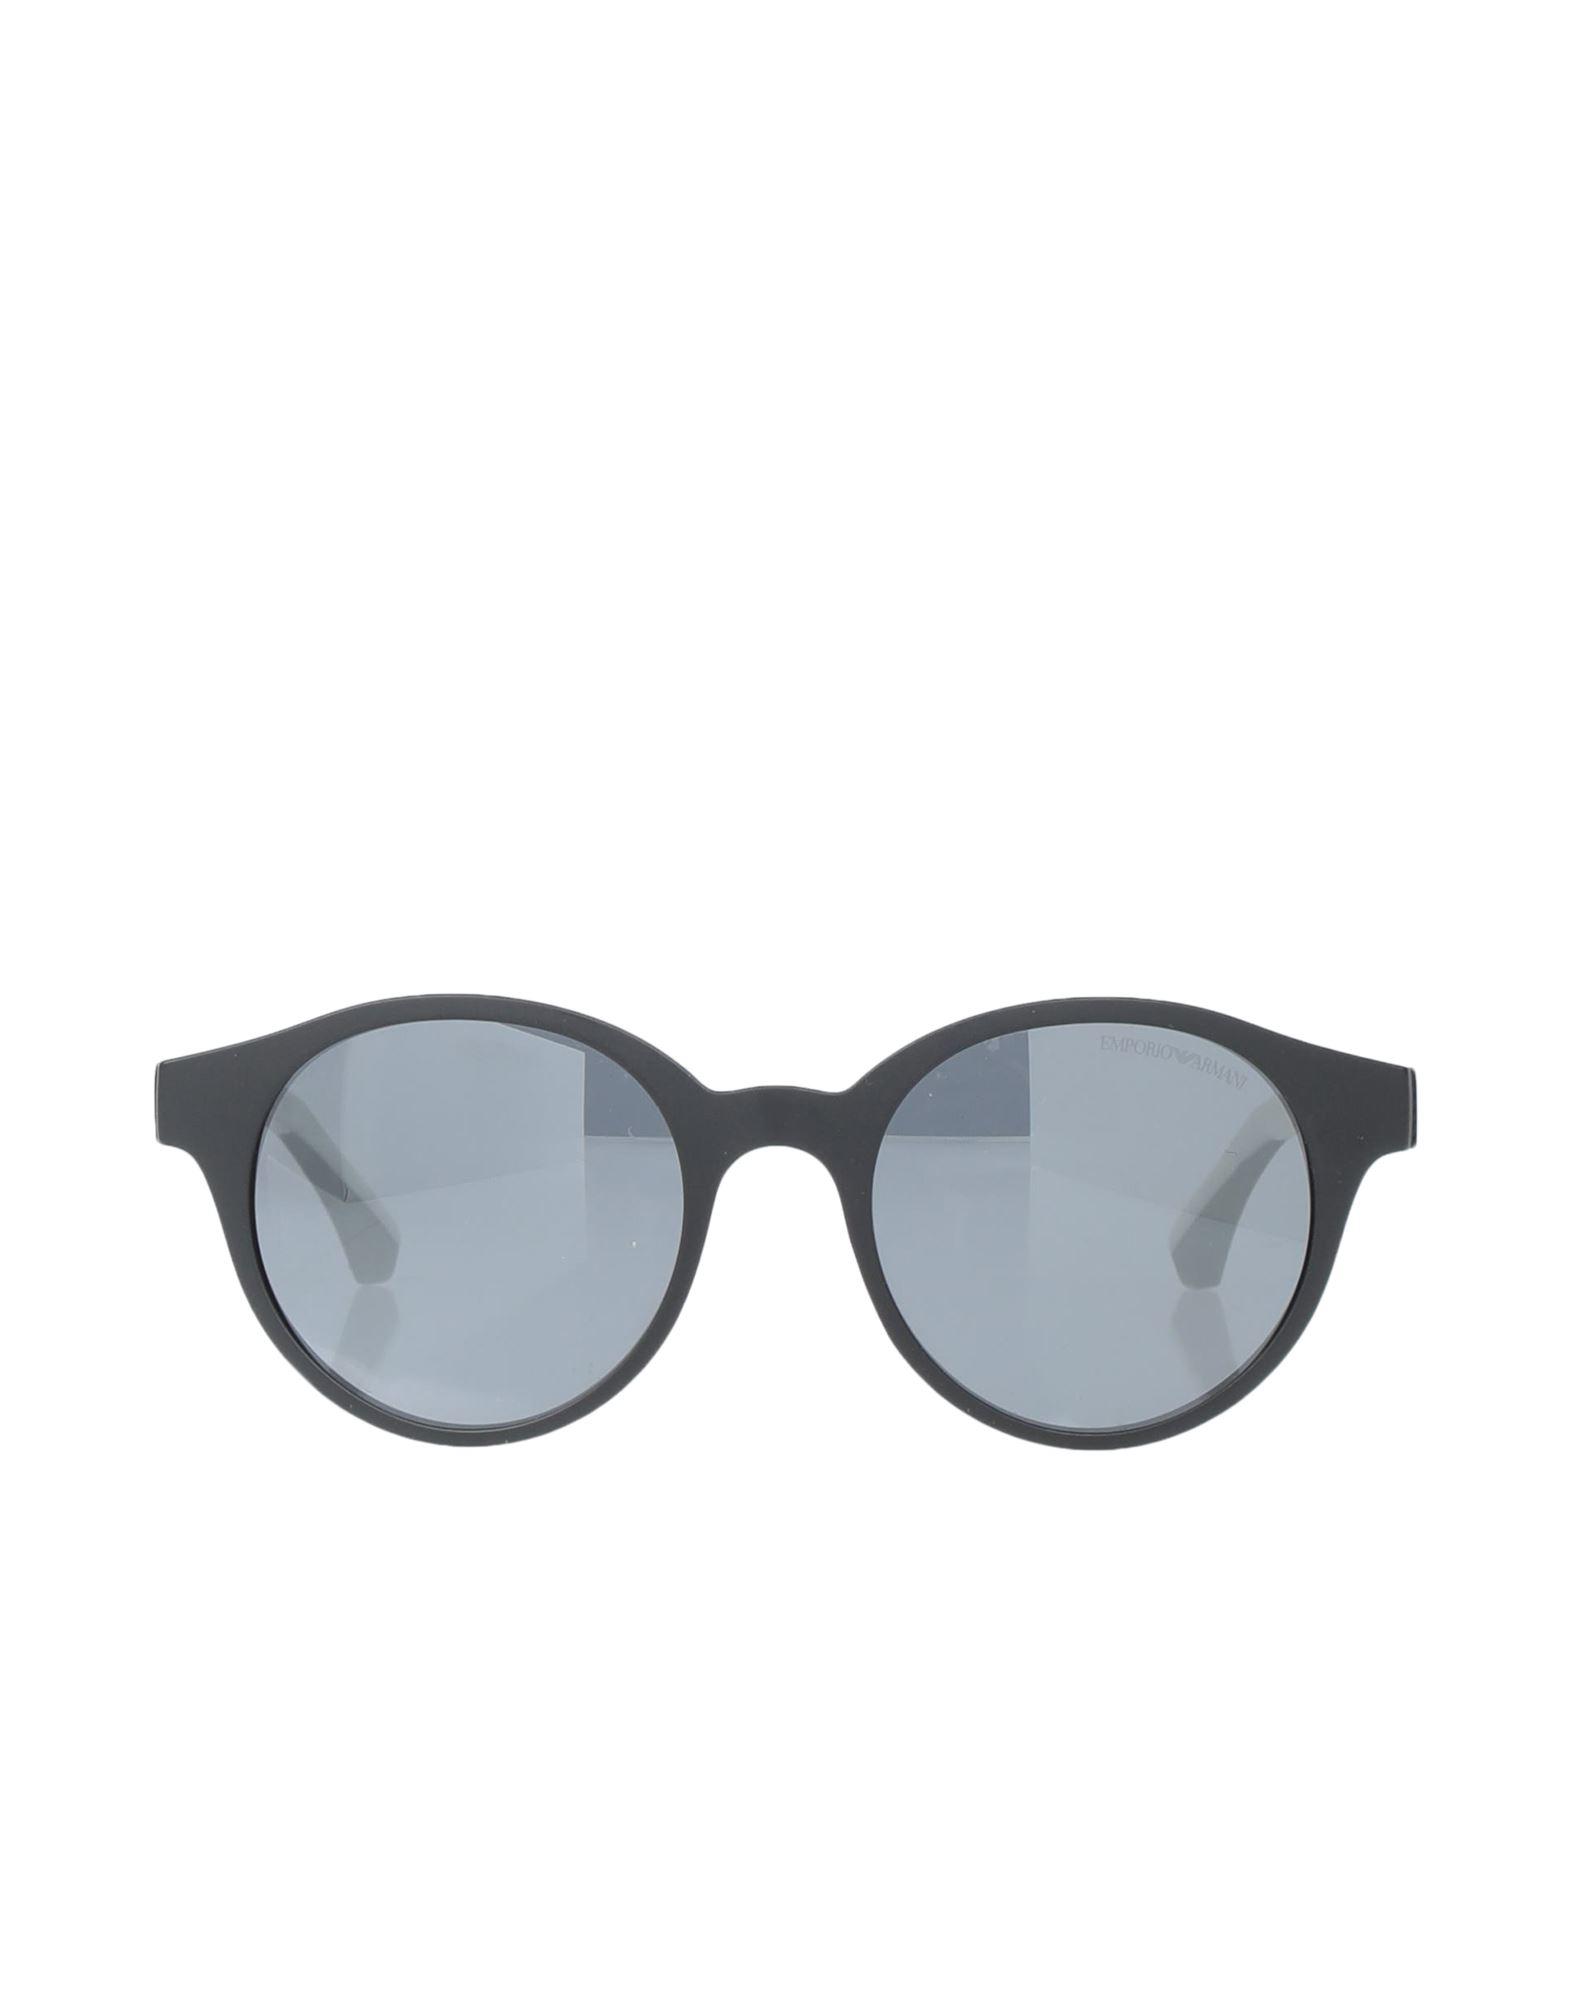 EMPORIO ARMANI Sunglasses - Item 46739880